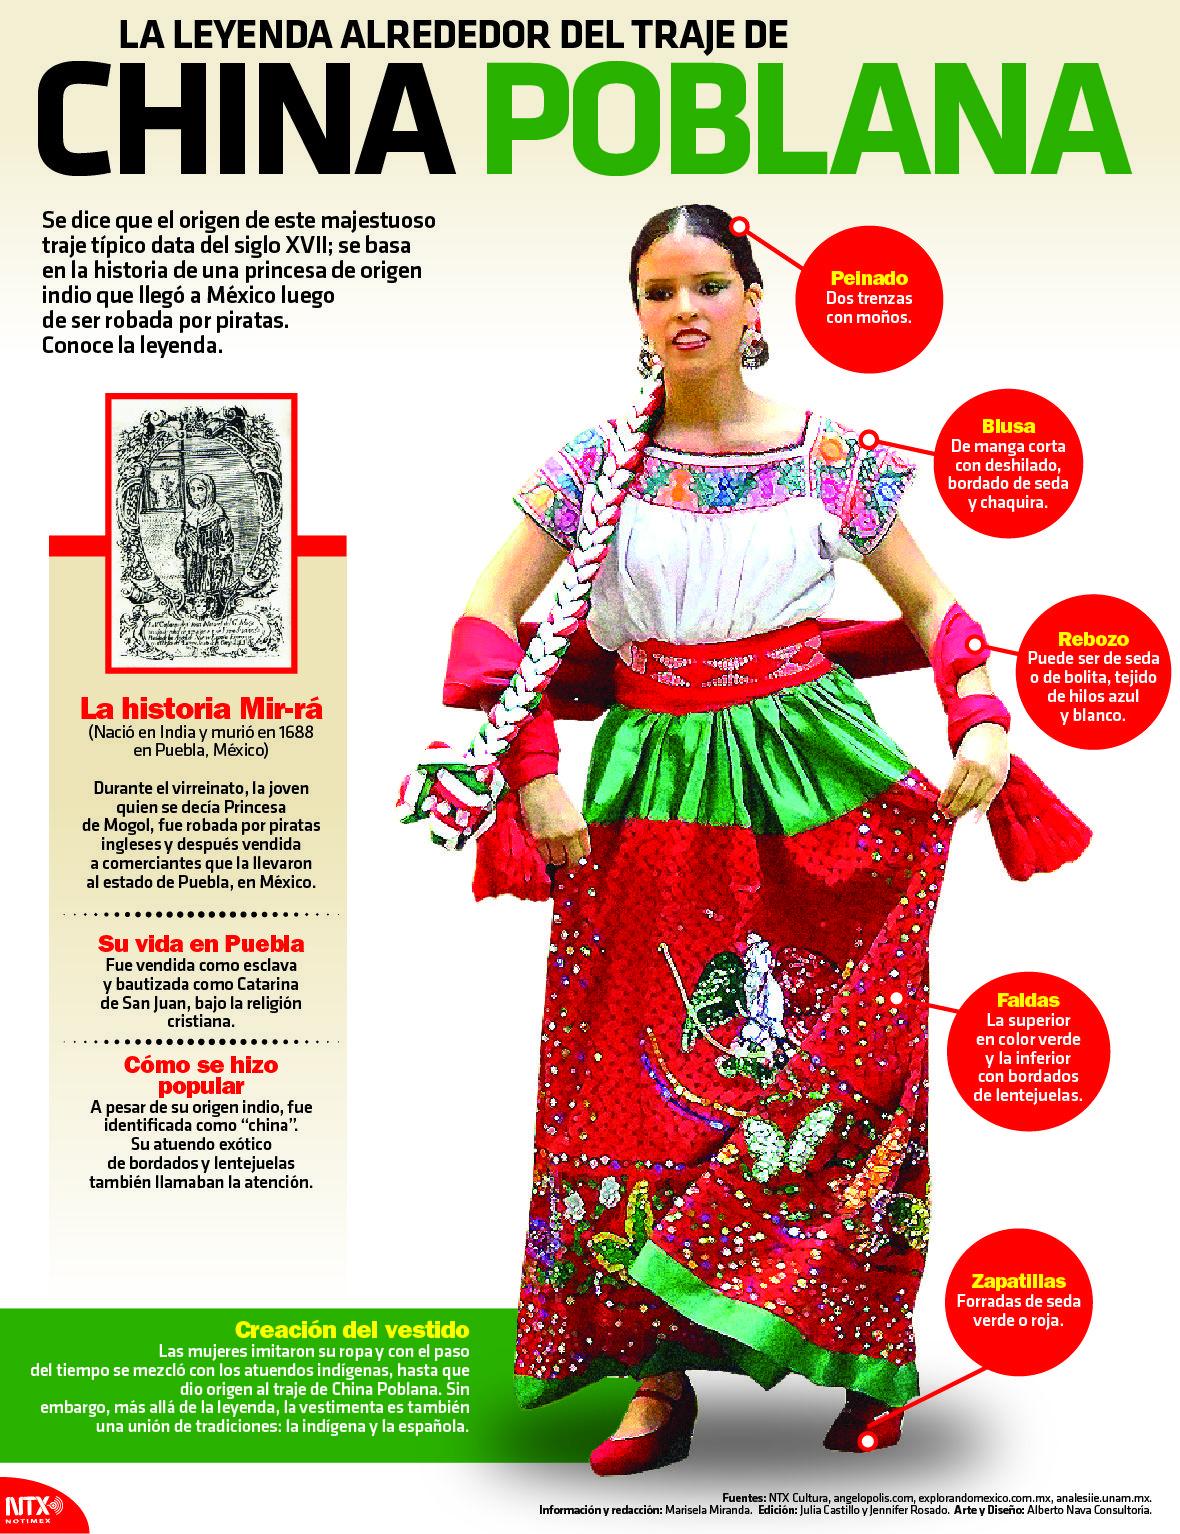 2bbf549b8c Se dice que el origen de este majestuosos traje típico data del siglo XVII.  Conoce su origen y leyenda  Infographic